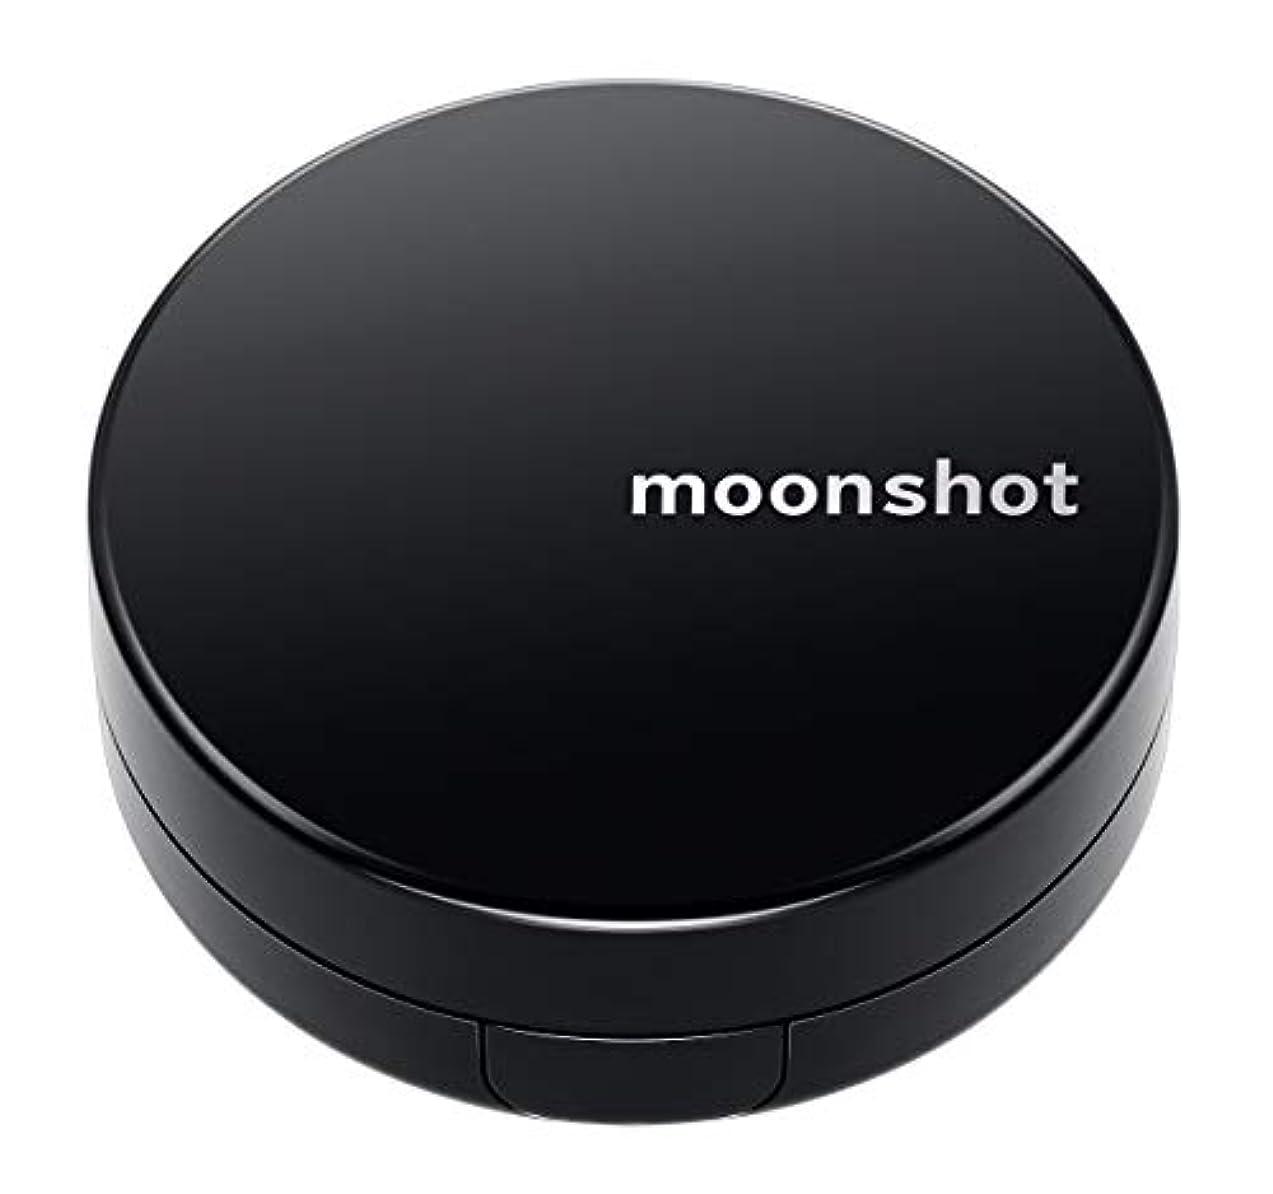 歯痛シャッター泣き叫ぶ【moonshot × blackpink】自然なスキントーンと均一なカバー力 しわ改善 美白 紫外線遮断 ムーンショット マイクロフィットクッション201/正規品